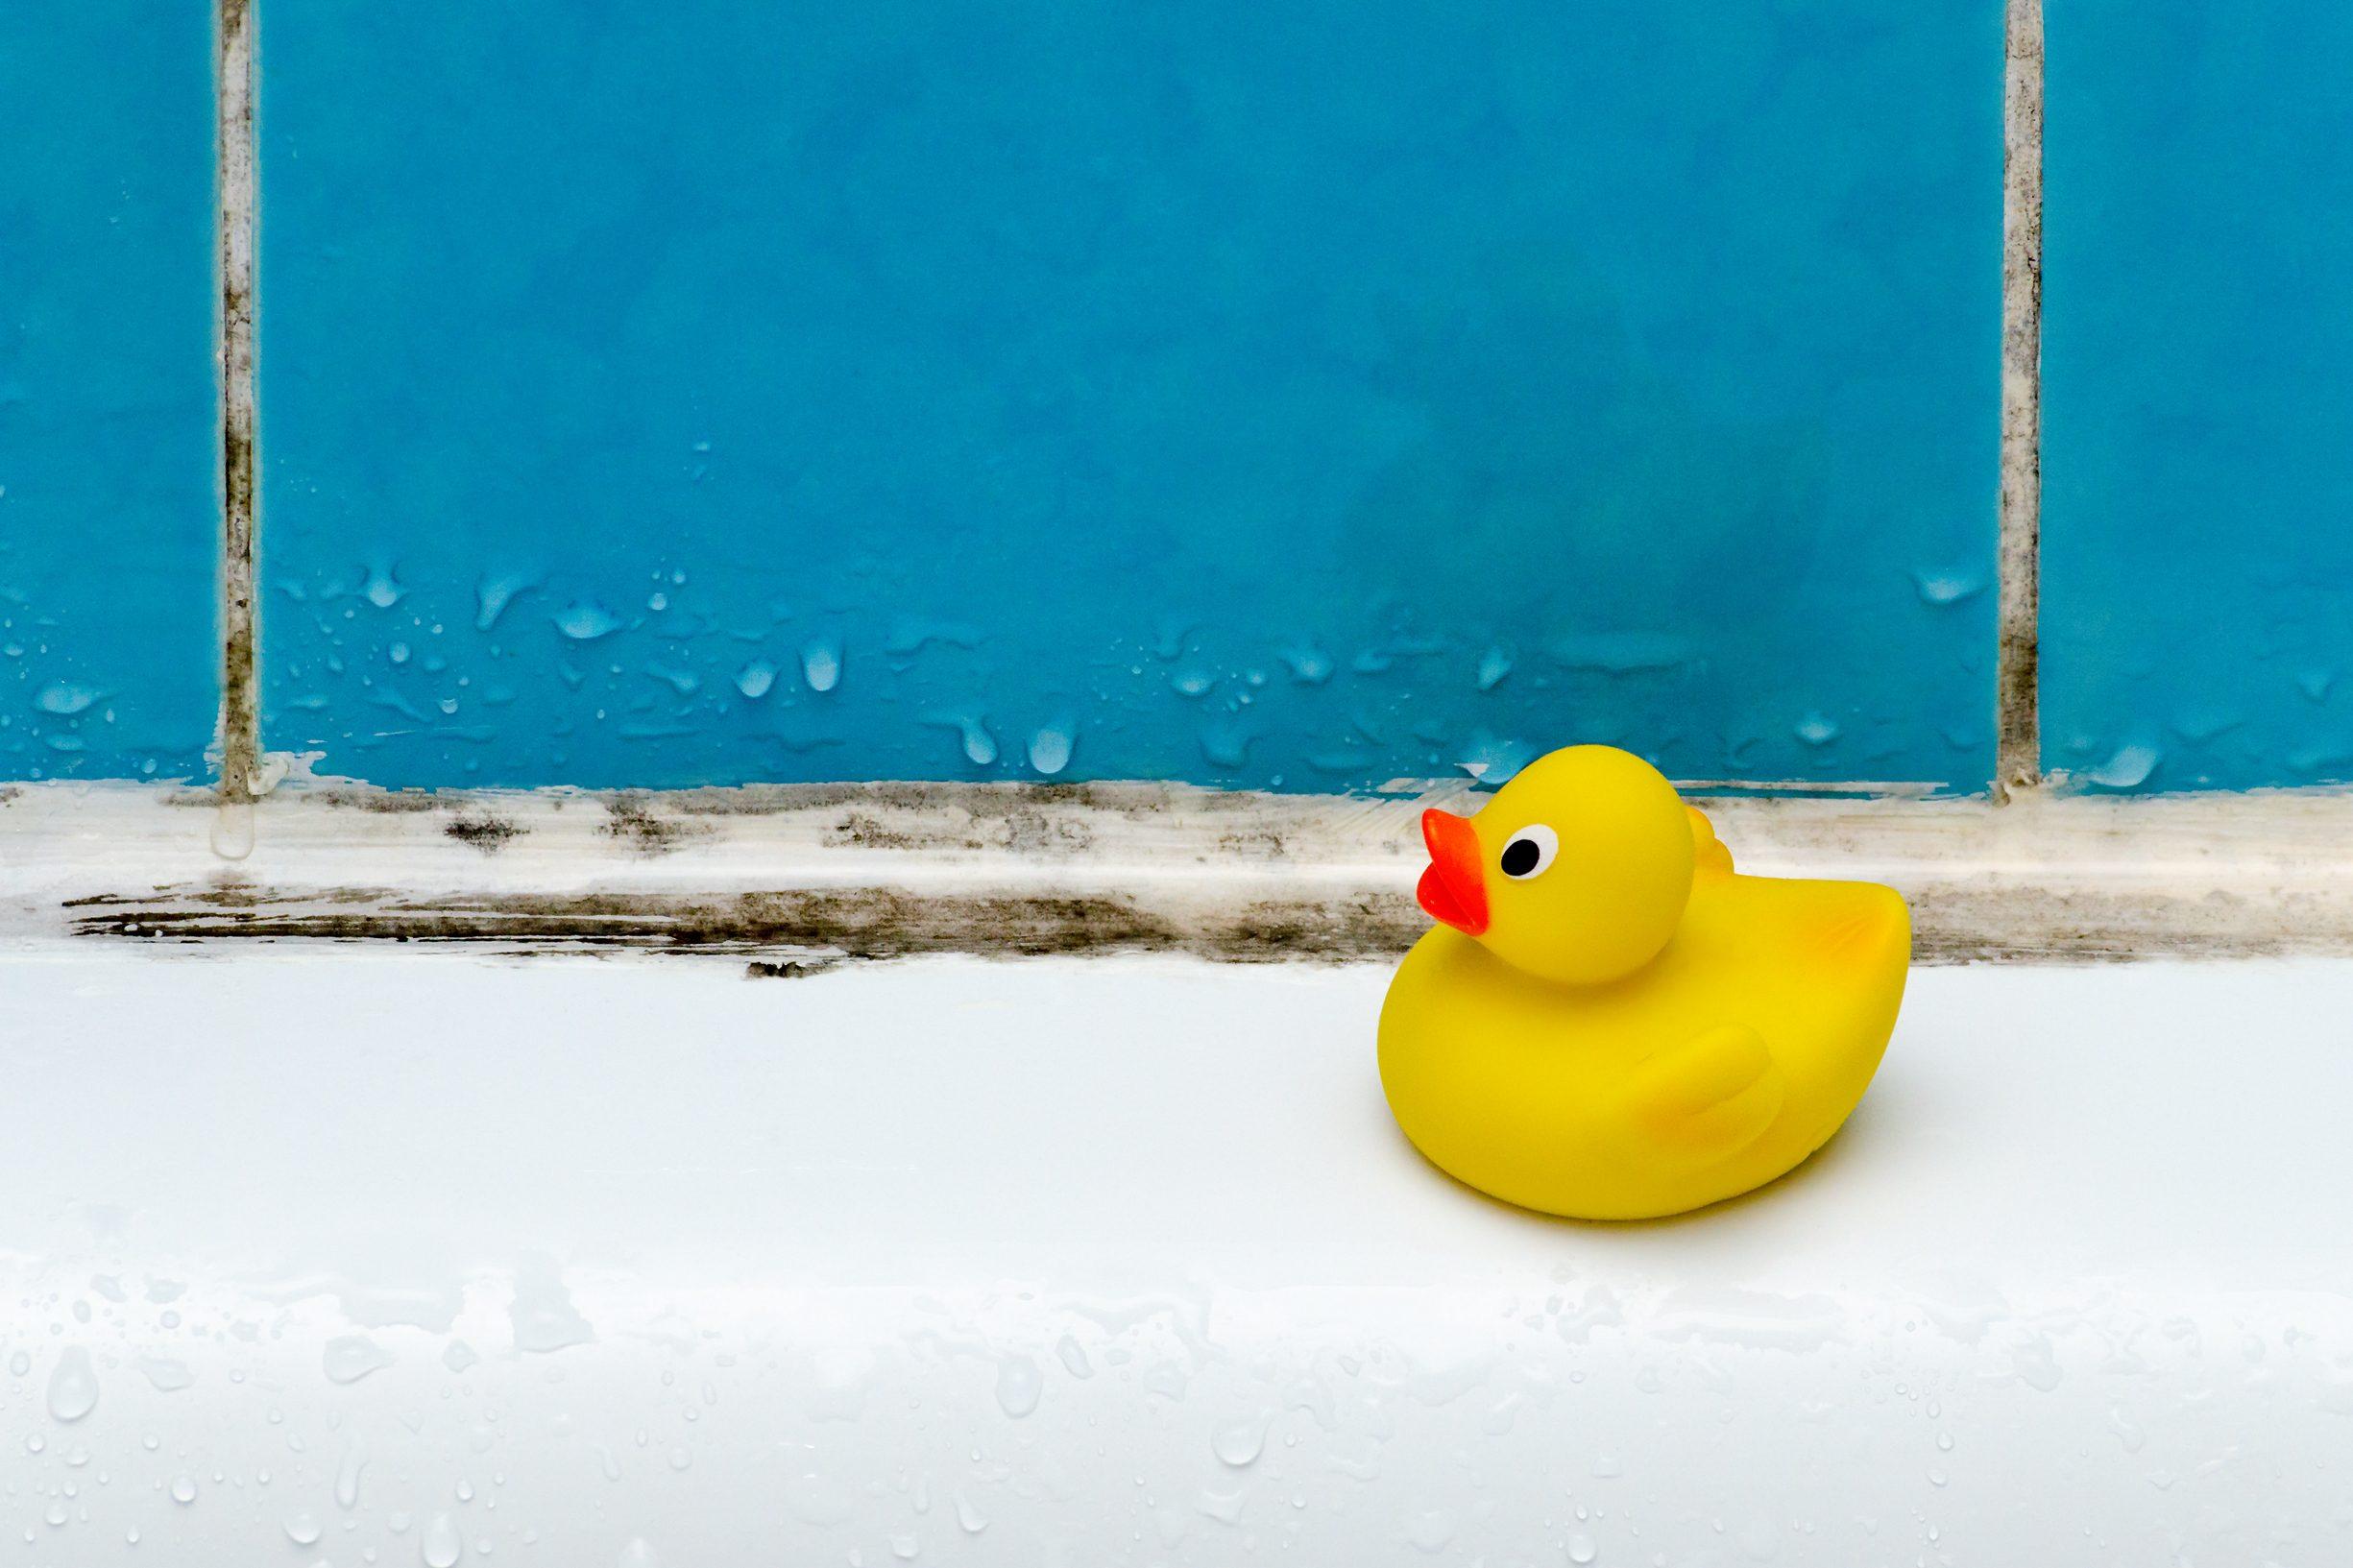 mold in bath, a duck toy, bathroom